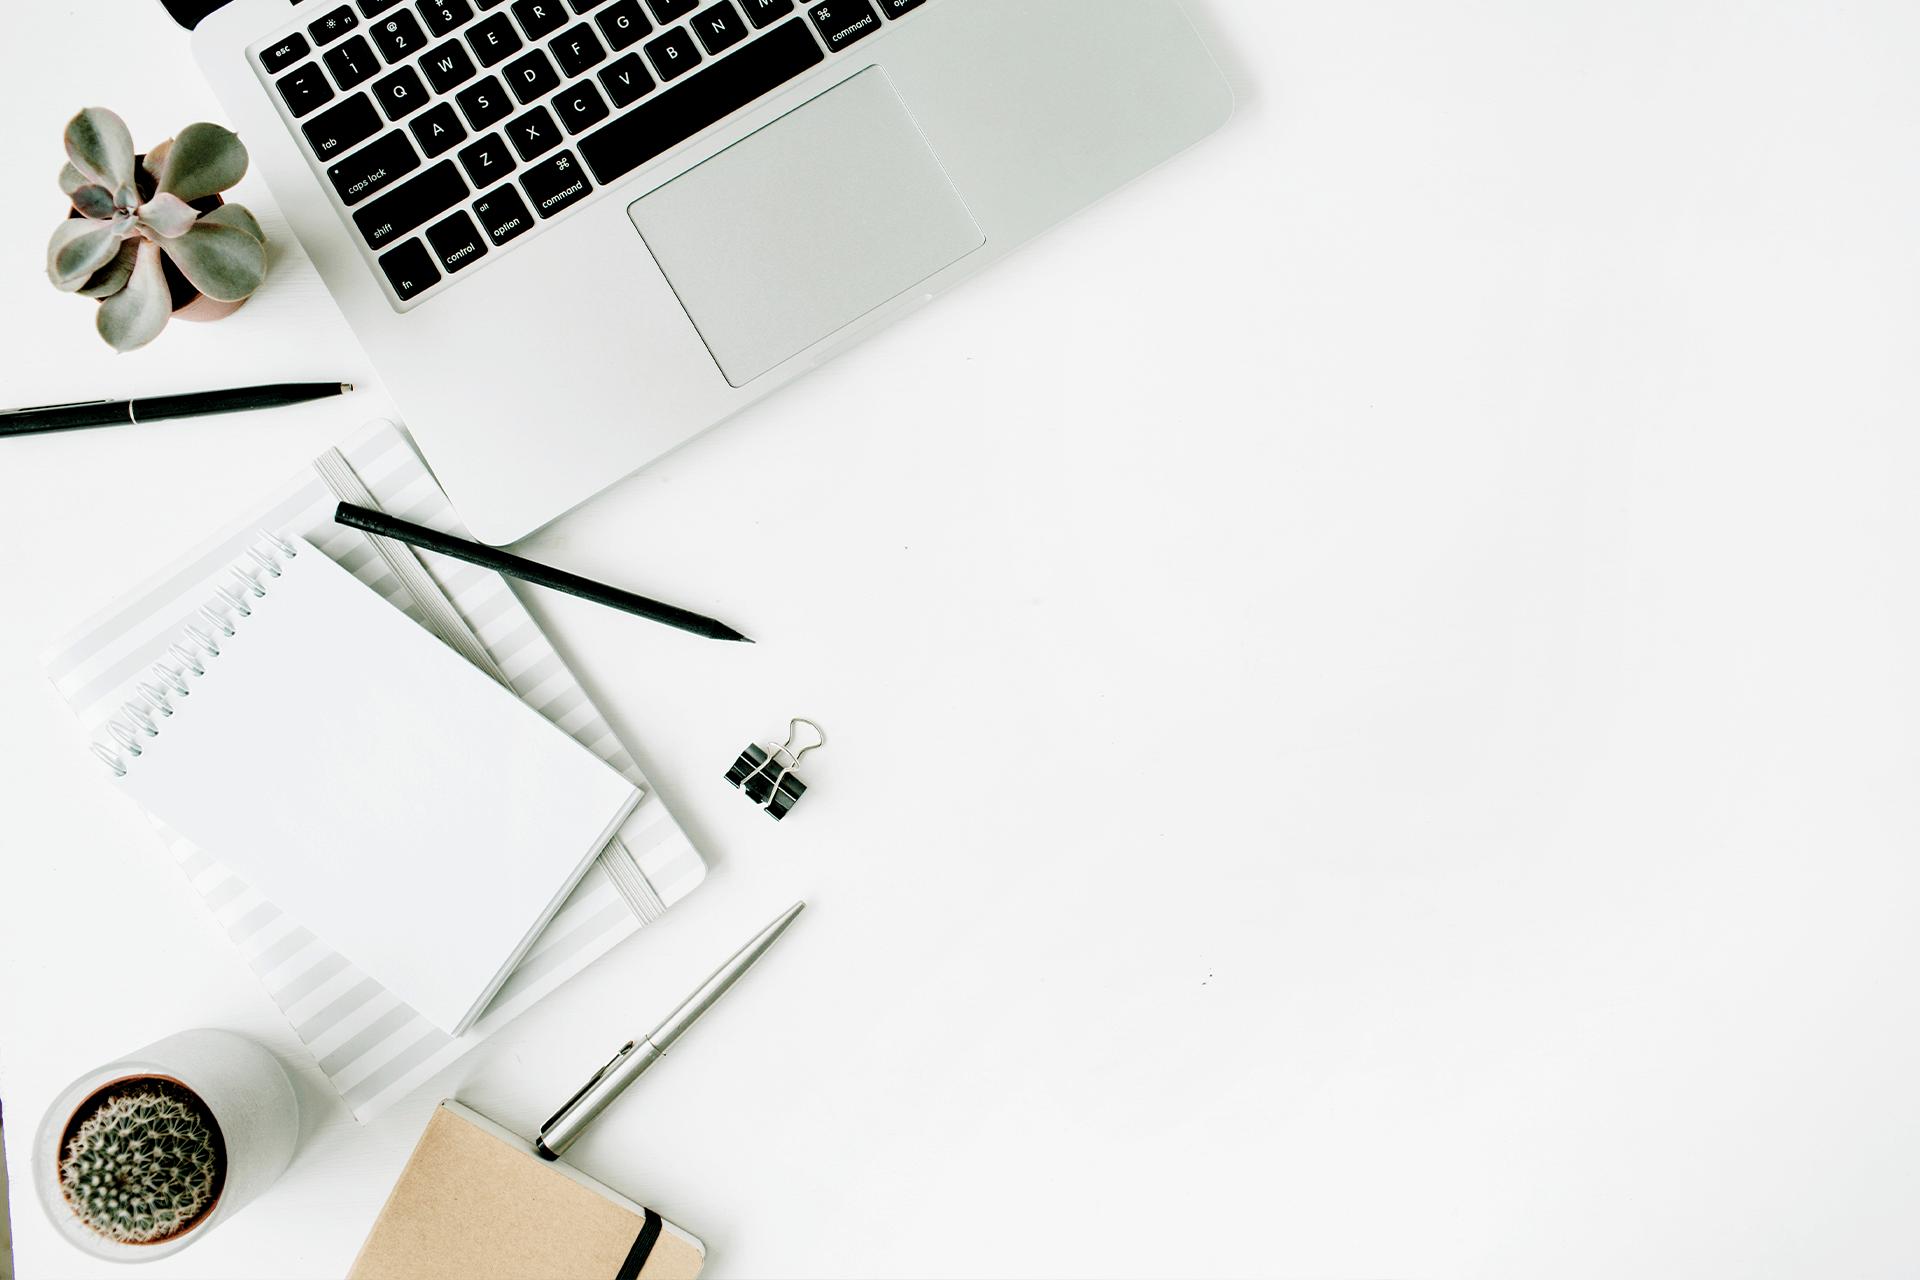 Ein geöffneter Laptop und mehrere Notizbücher mit Stiften liegen ordentlich auf einem weißen Untergrund.